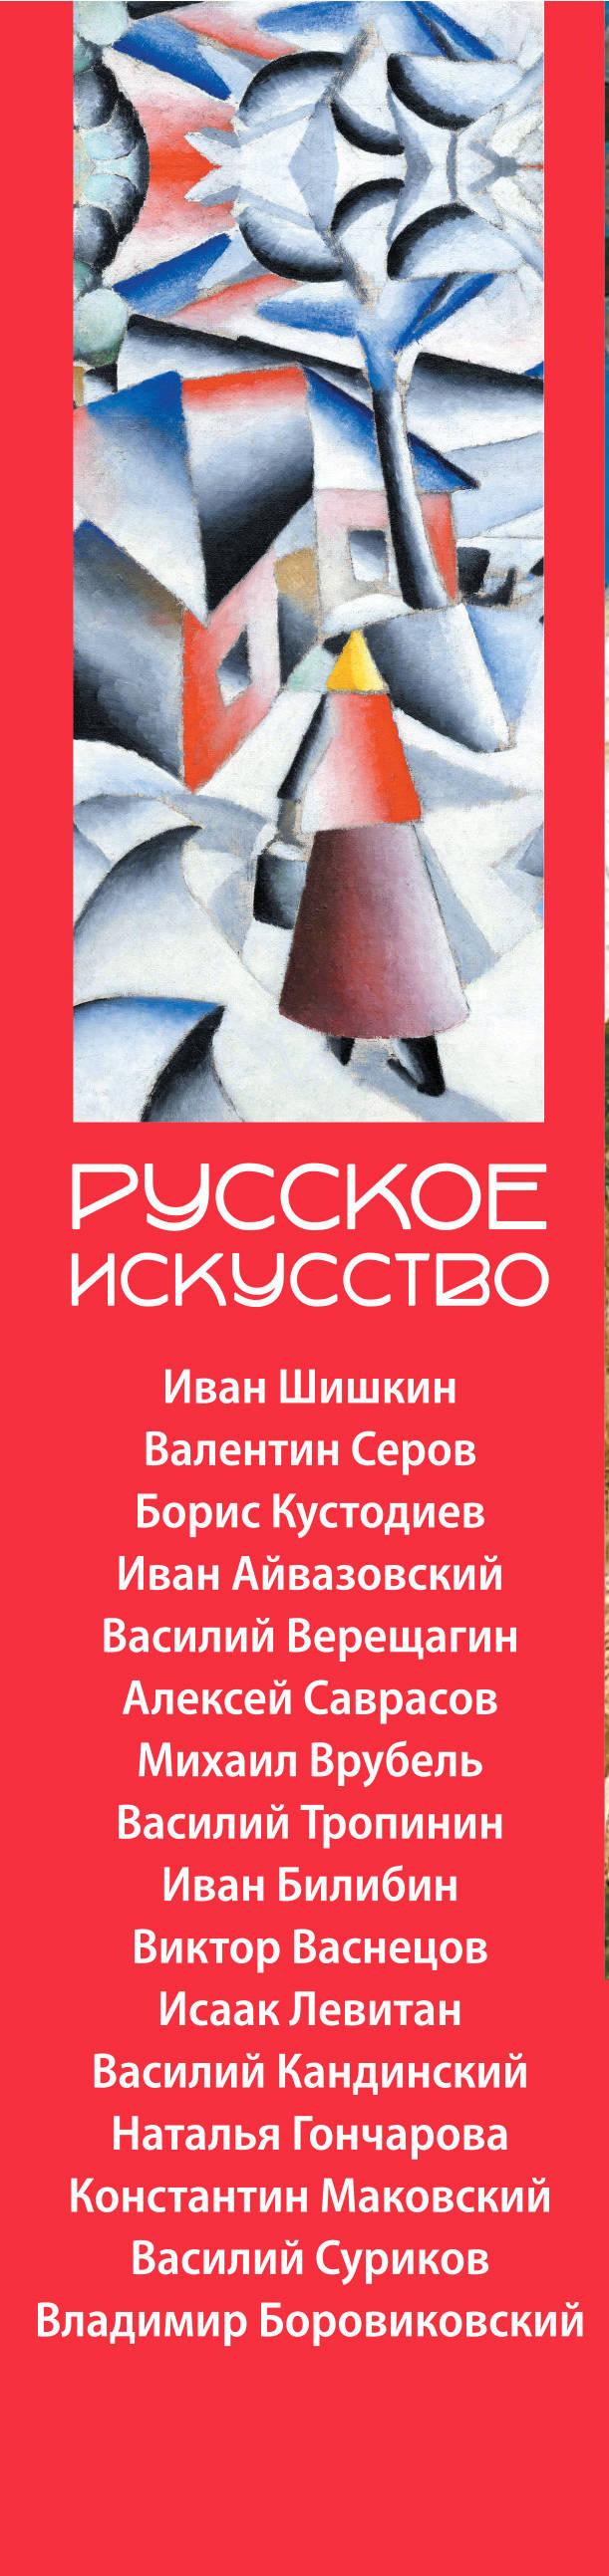 Календарь 2019 (на спирали). Русское искусство.